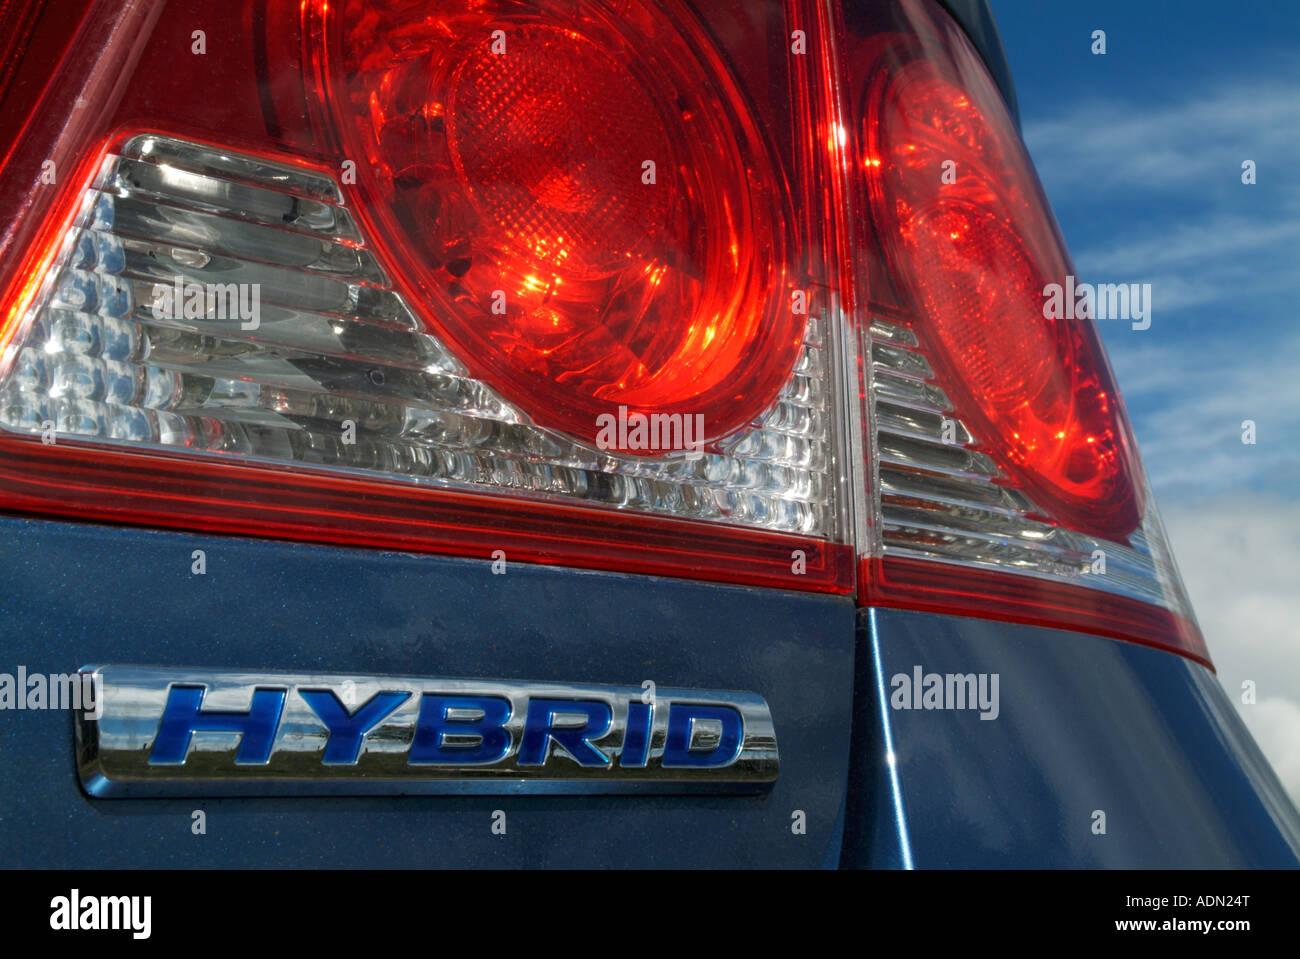 La luce di posizione posteriore e il distintivo della Honda Civic Hybrid auto Immagini Stock